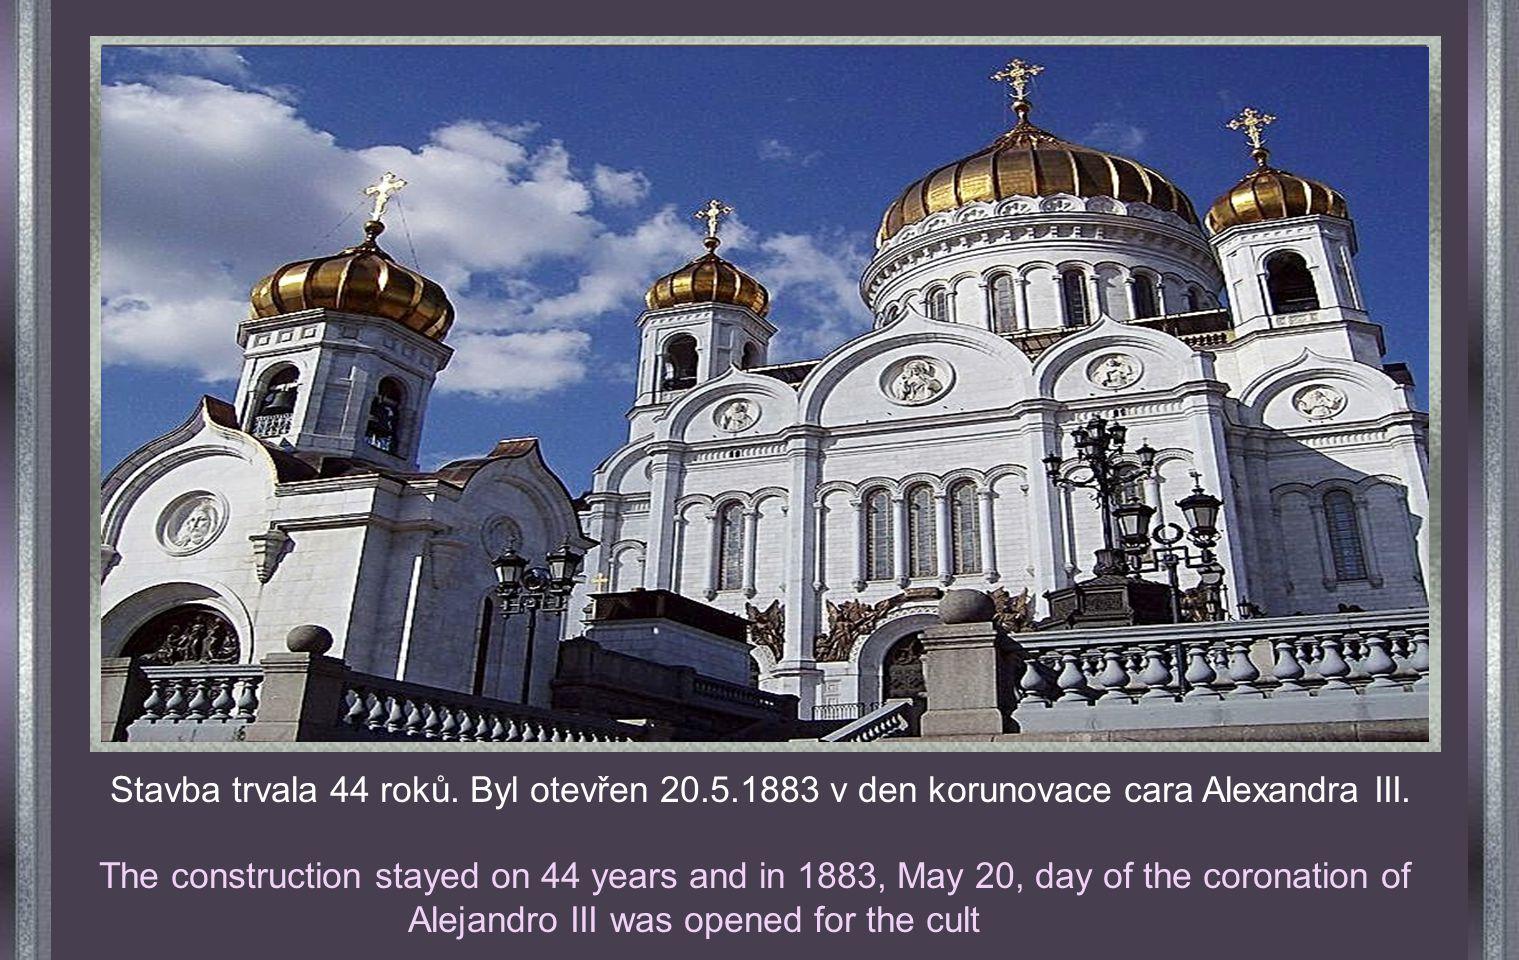 V r. 1812 po porážce francouzských vojsk dal car Alexandr I. postavit chrám